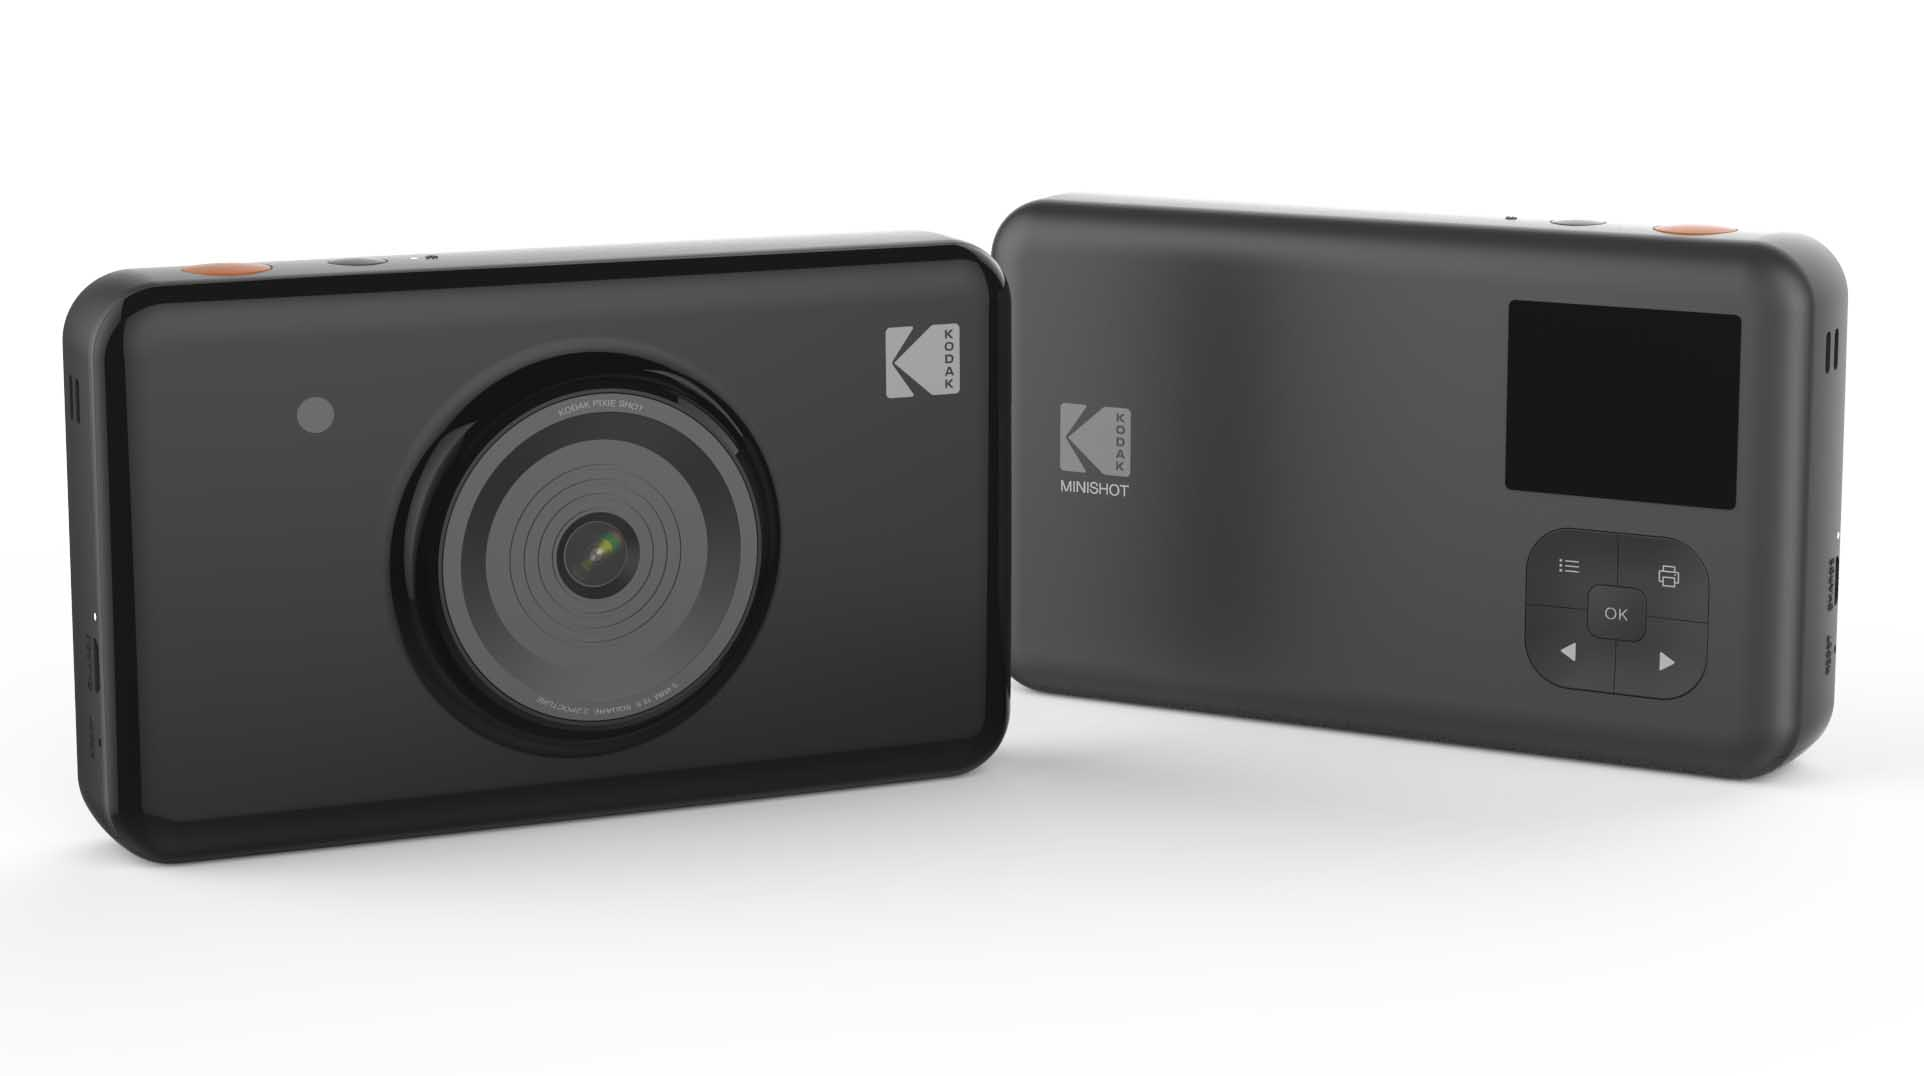 即影有相機 + 相片打印機   Kodak MiniShot MS210 一按即印